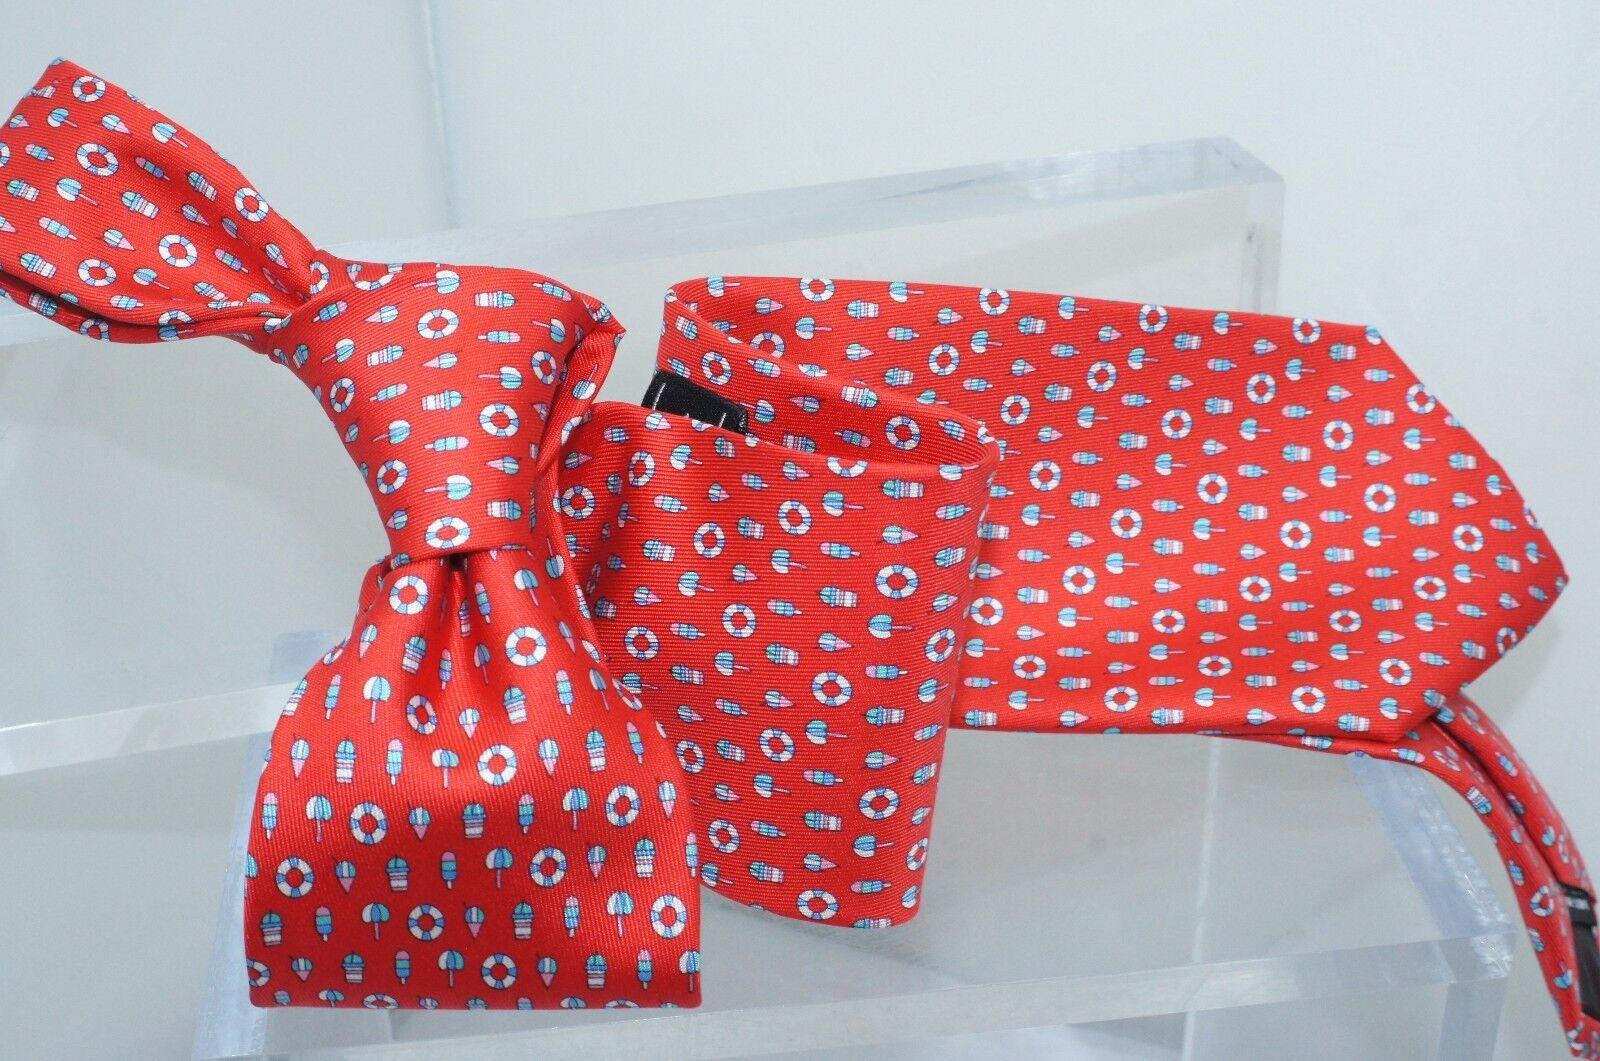 bb032e488561 Salvatore Ferragamo Mens Tie Red Beach Logo 100 Silk Neckwear Accessories  for sale online | eBay